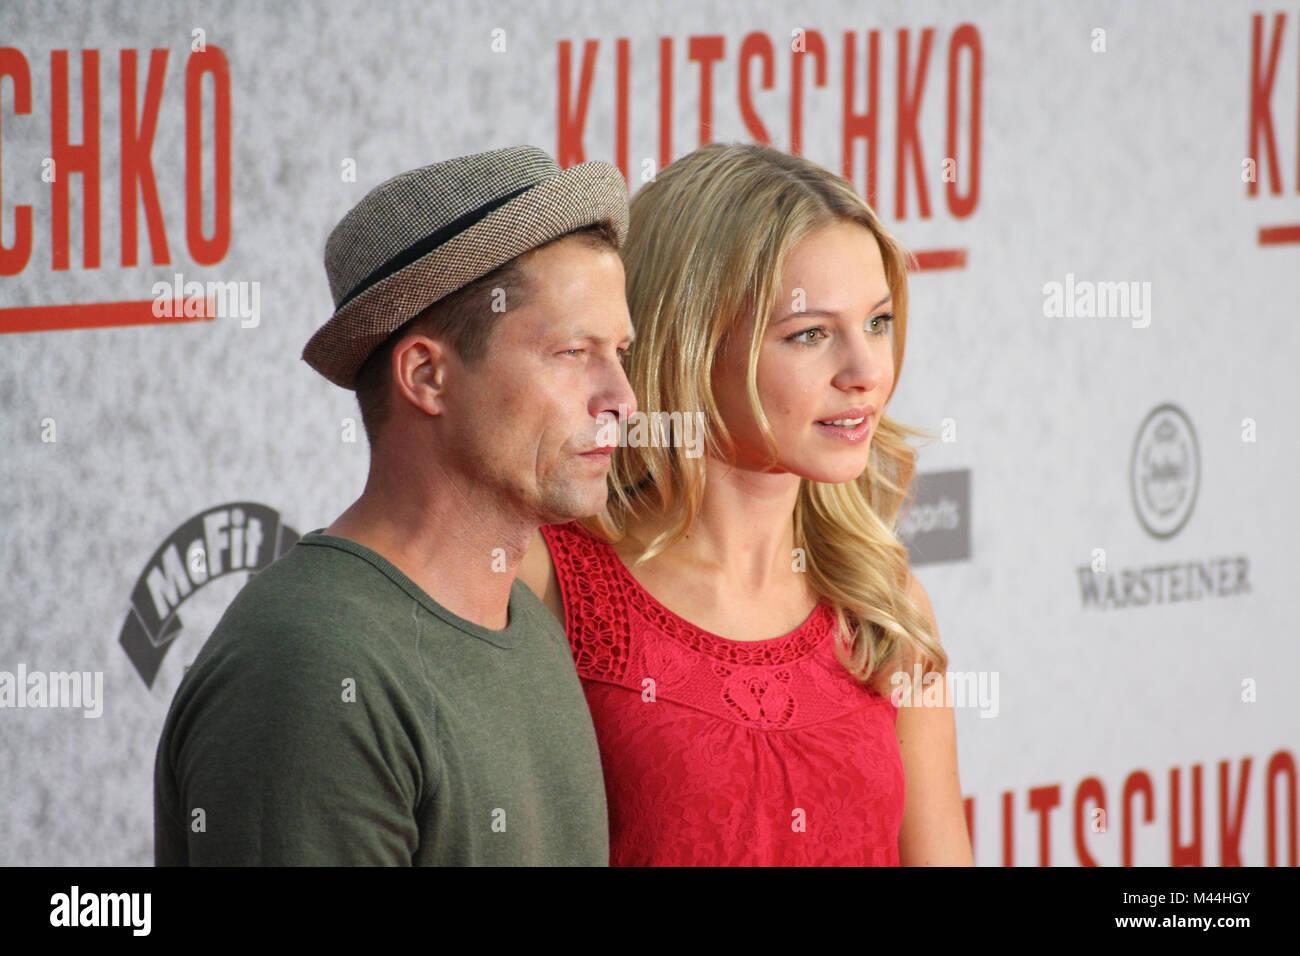 Actor Til Schweiger and girlfriend Svenja Holtmann - Stock Image